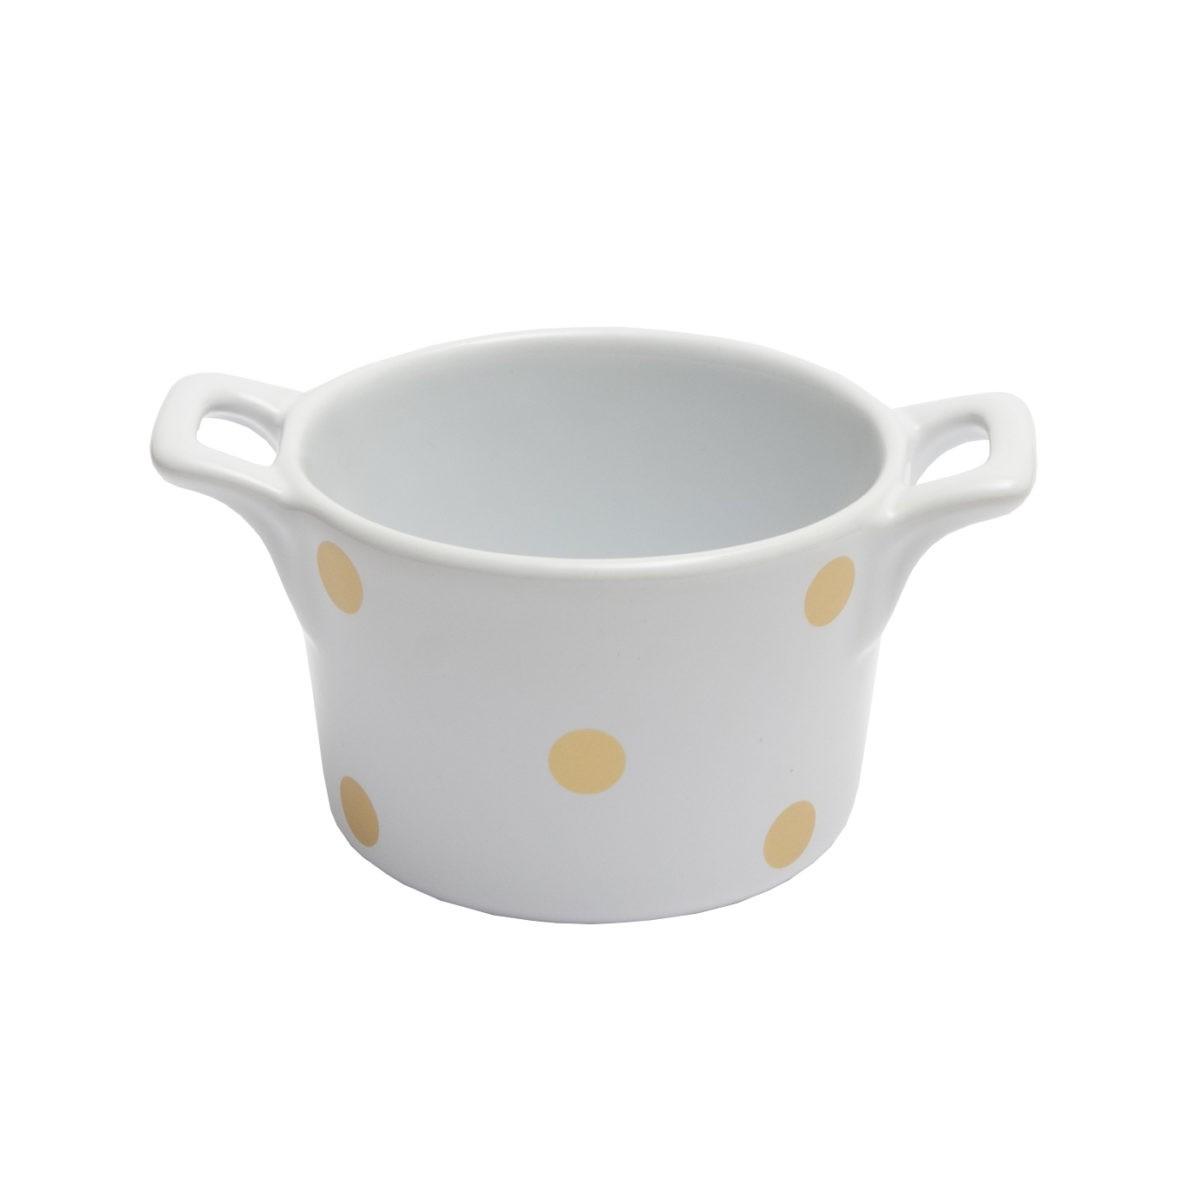 Muffin kleine Backform Keramik Weiß mit Gold glänzenden Punkten Isabelle Rose